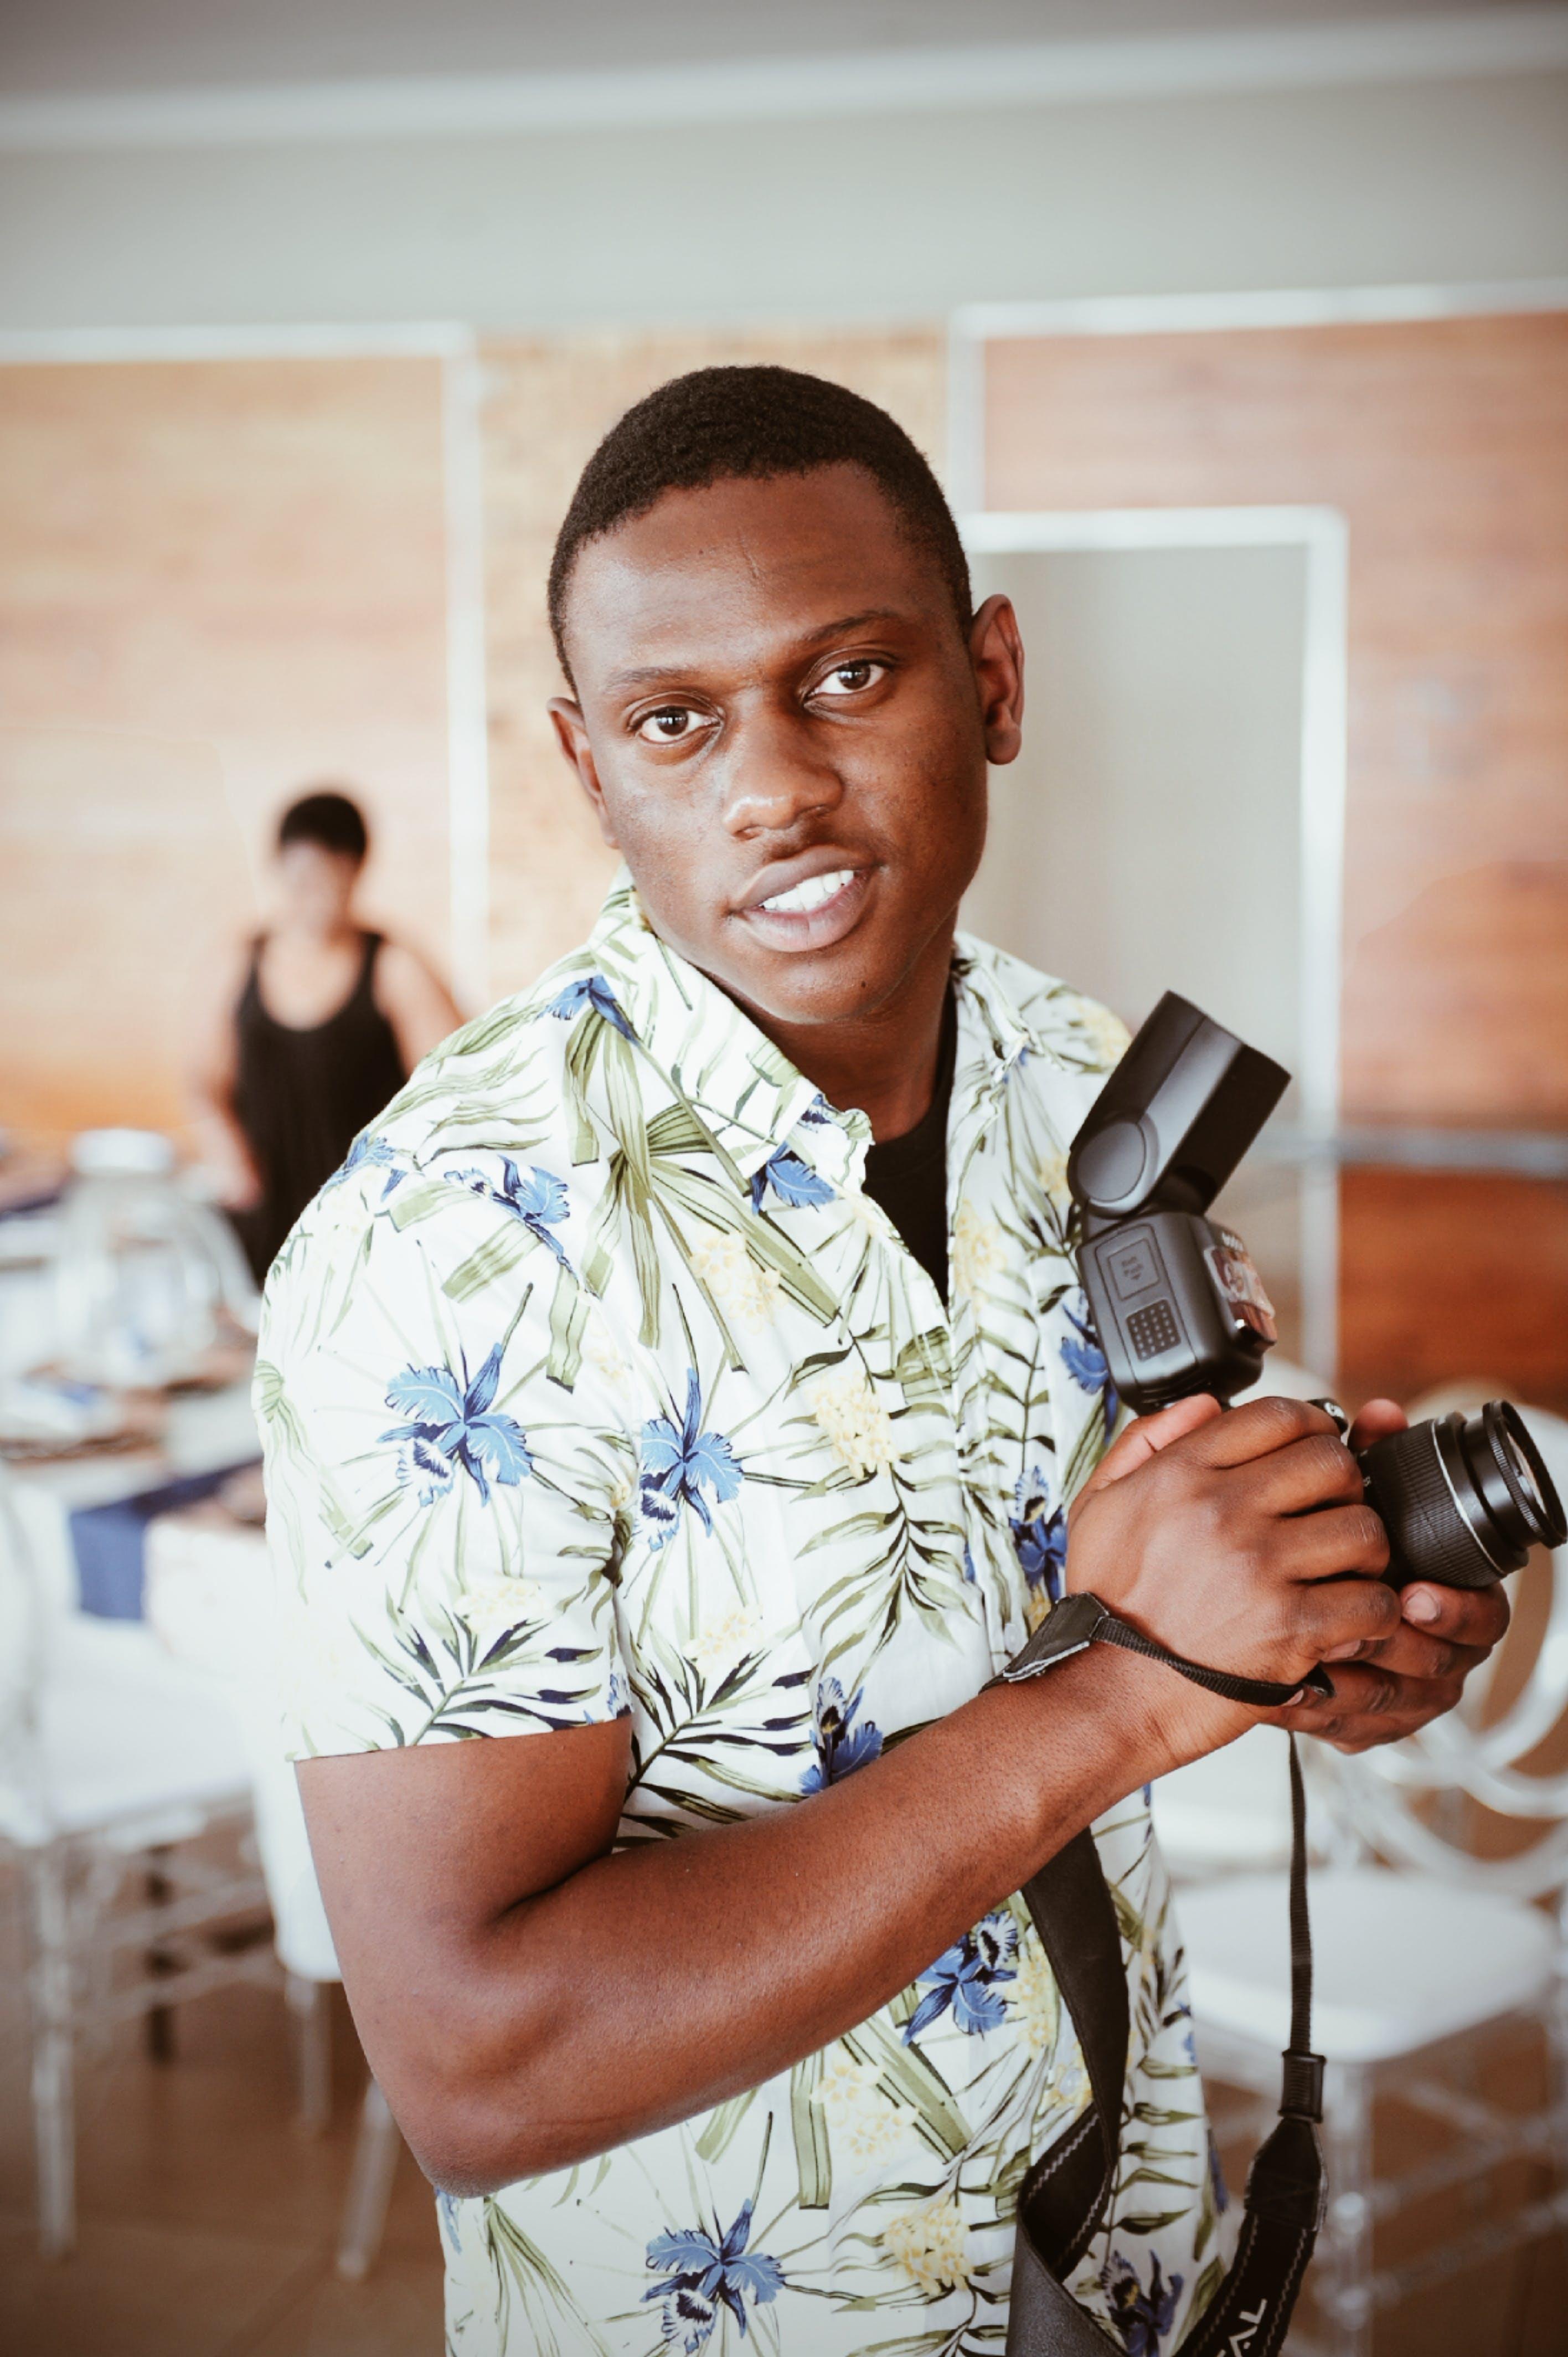 Foto stok gratis ekspresi muka, fotografer, laki-laki, lelaki berkulit hitam